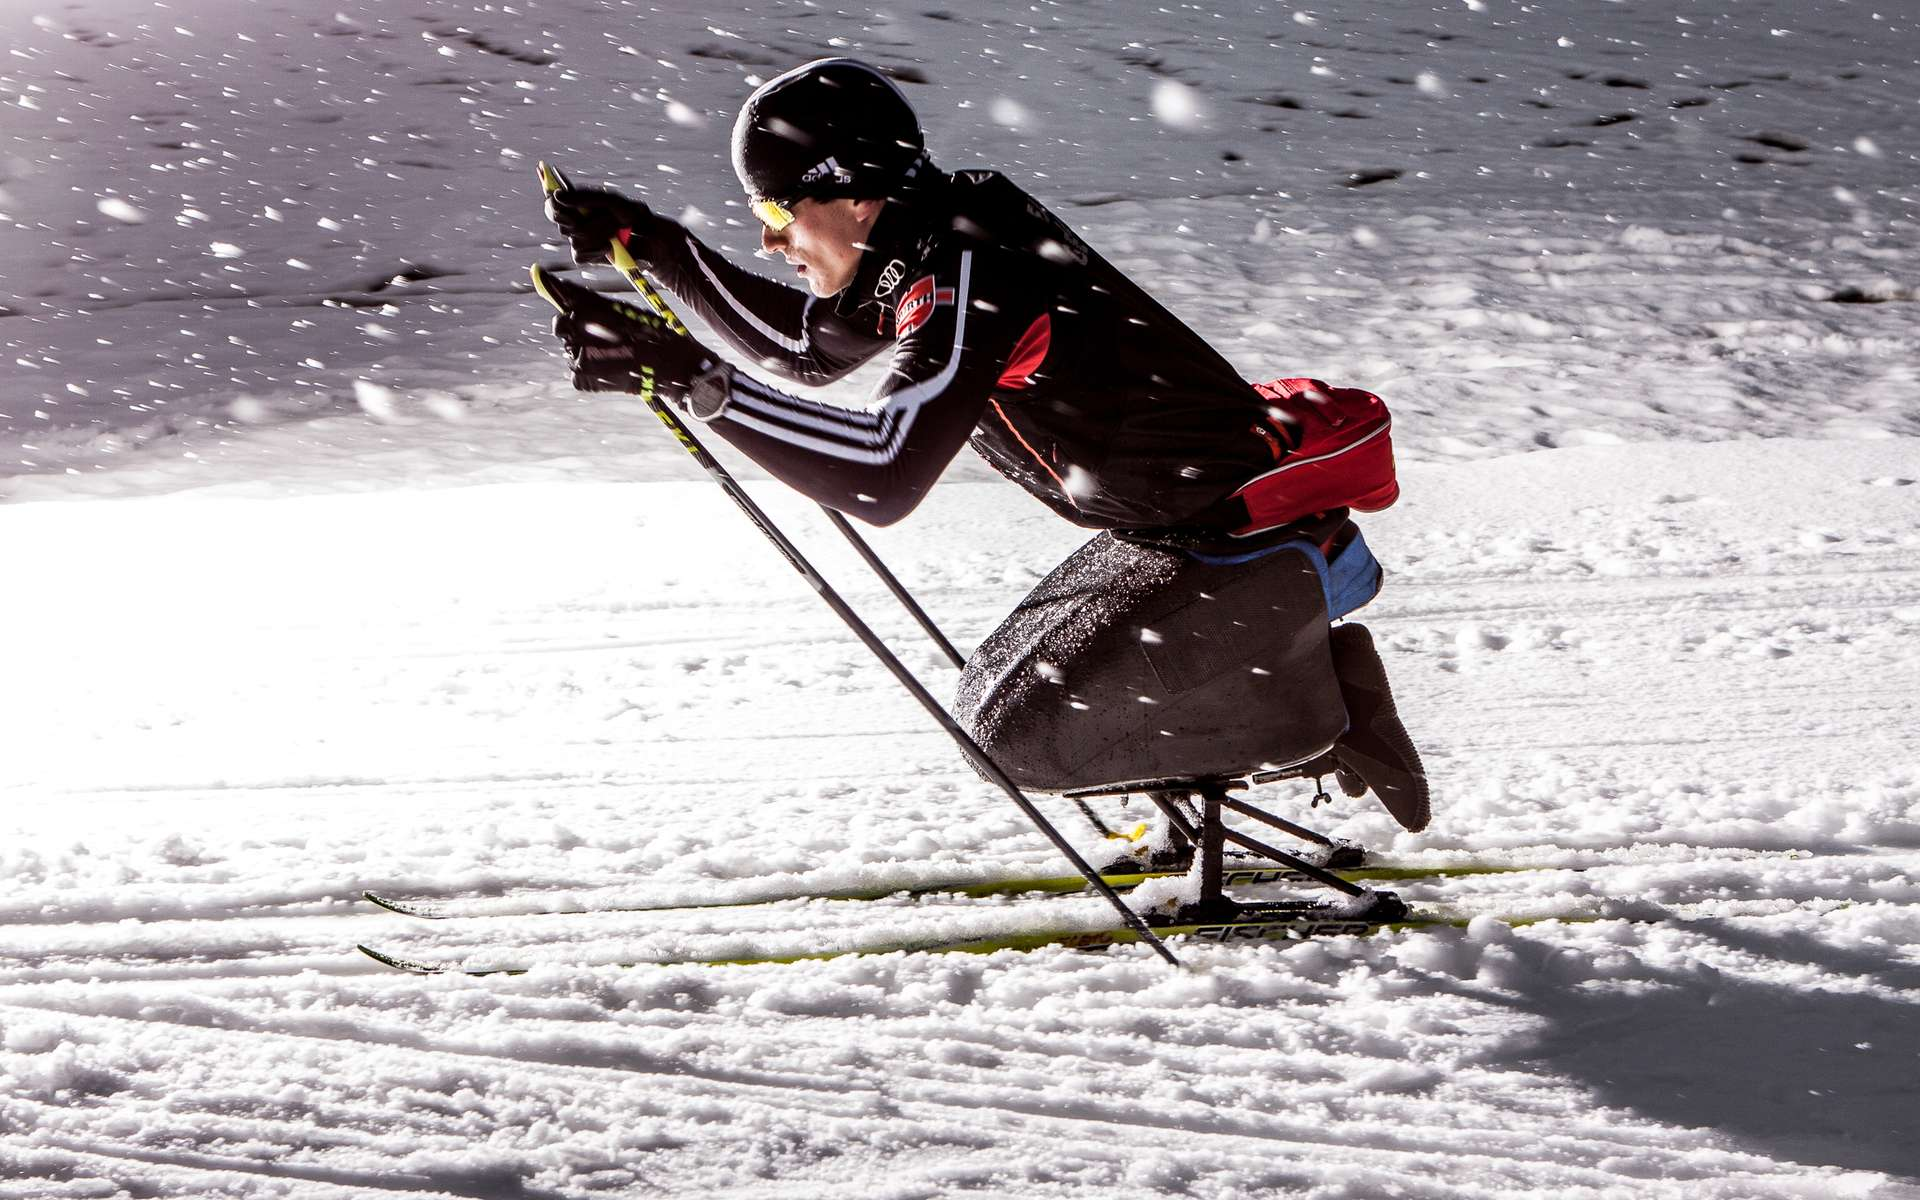 Martin Fleig se déplace en fauteuil roulant sur le sol… ou en skis assis sur la neige. Le siège qu'il emportera aux Jeux paralympiques de Sotchi (du 7 au 16 mars) a été conçu spécialement pour lui par impression 3D. © Ruben Elstner, MikroTribologie Centrum μTC